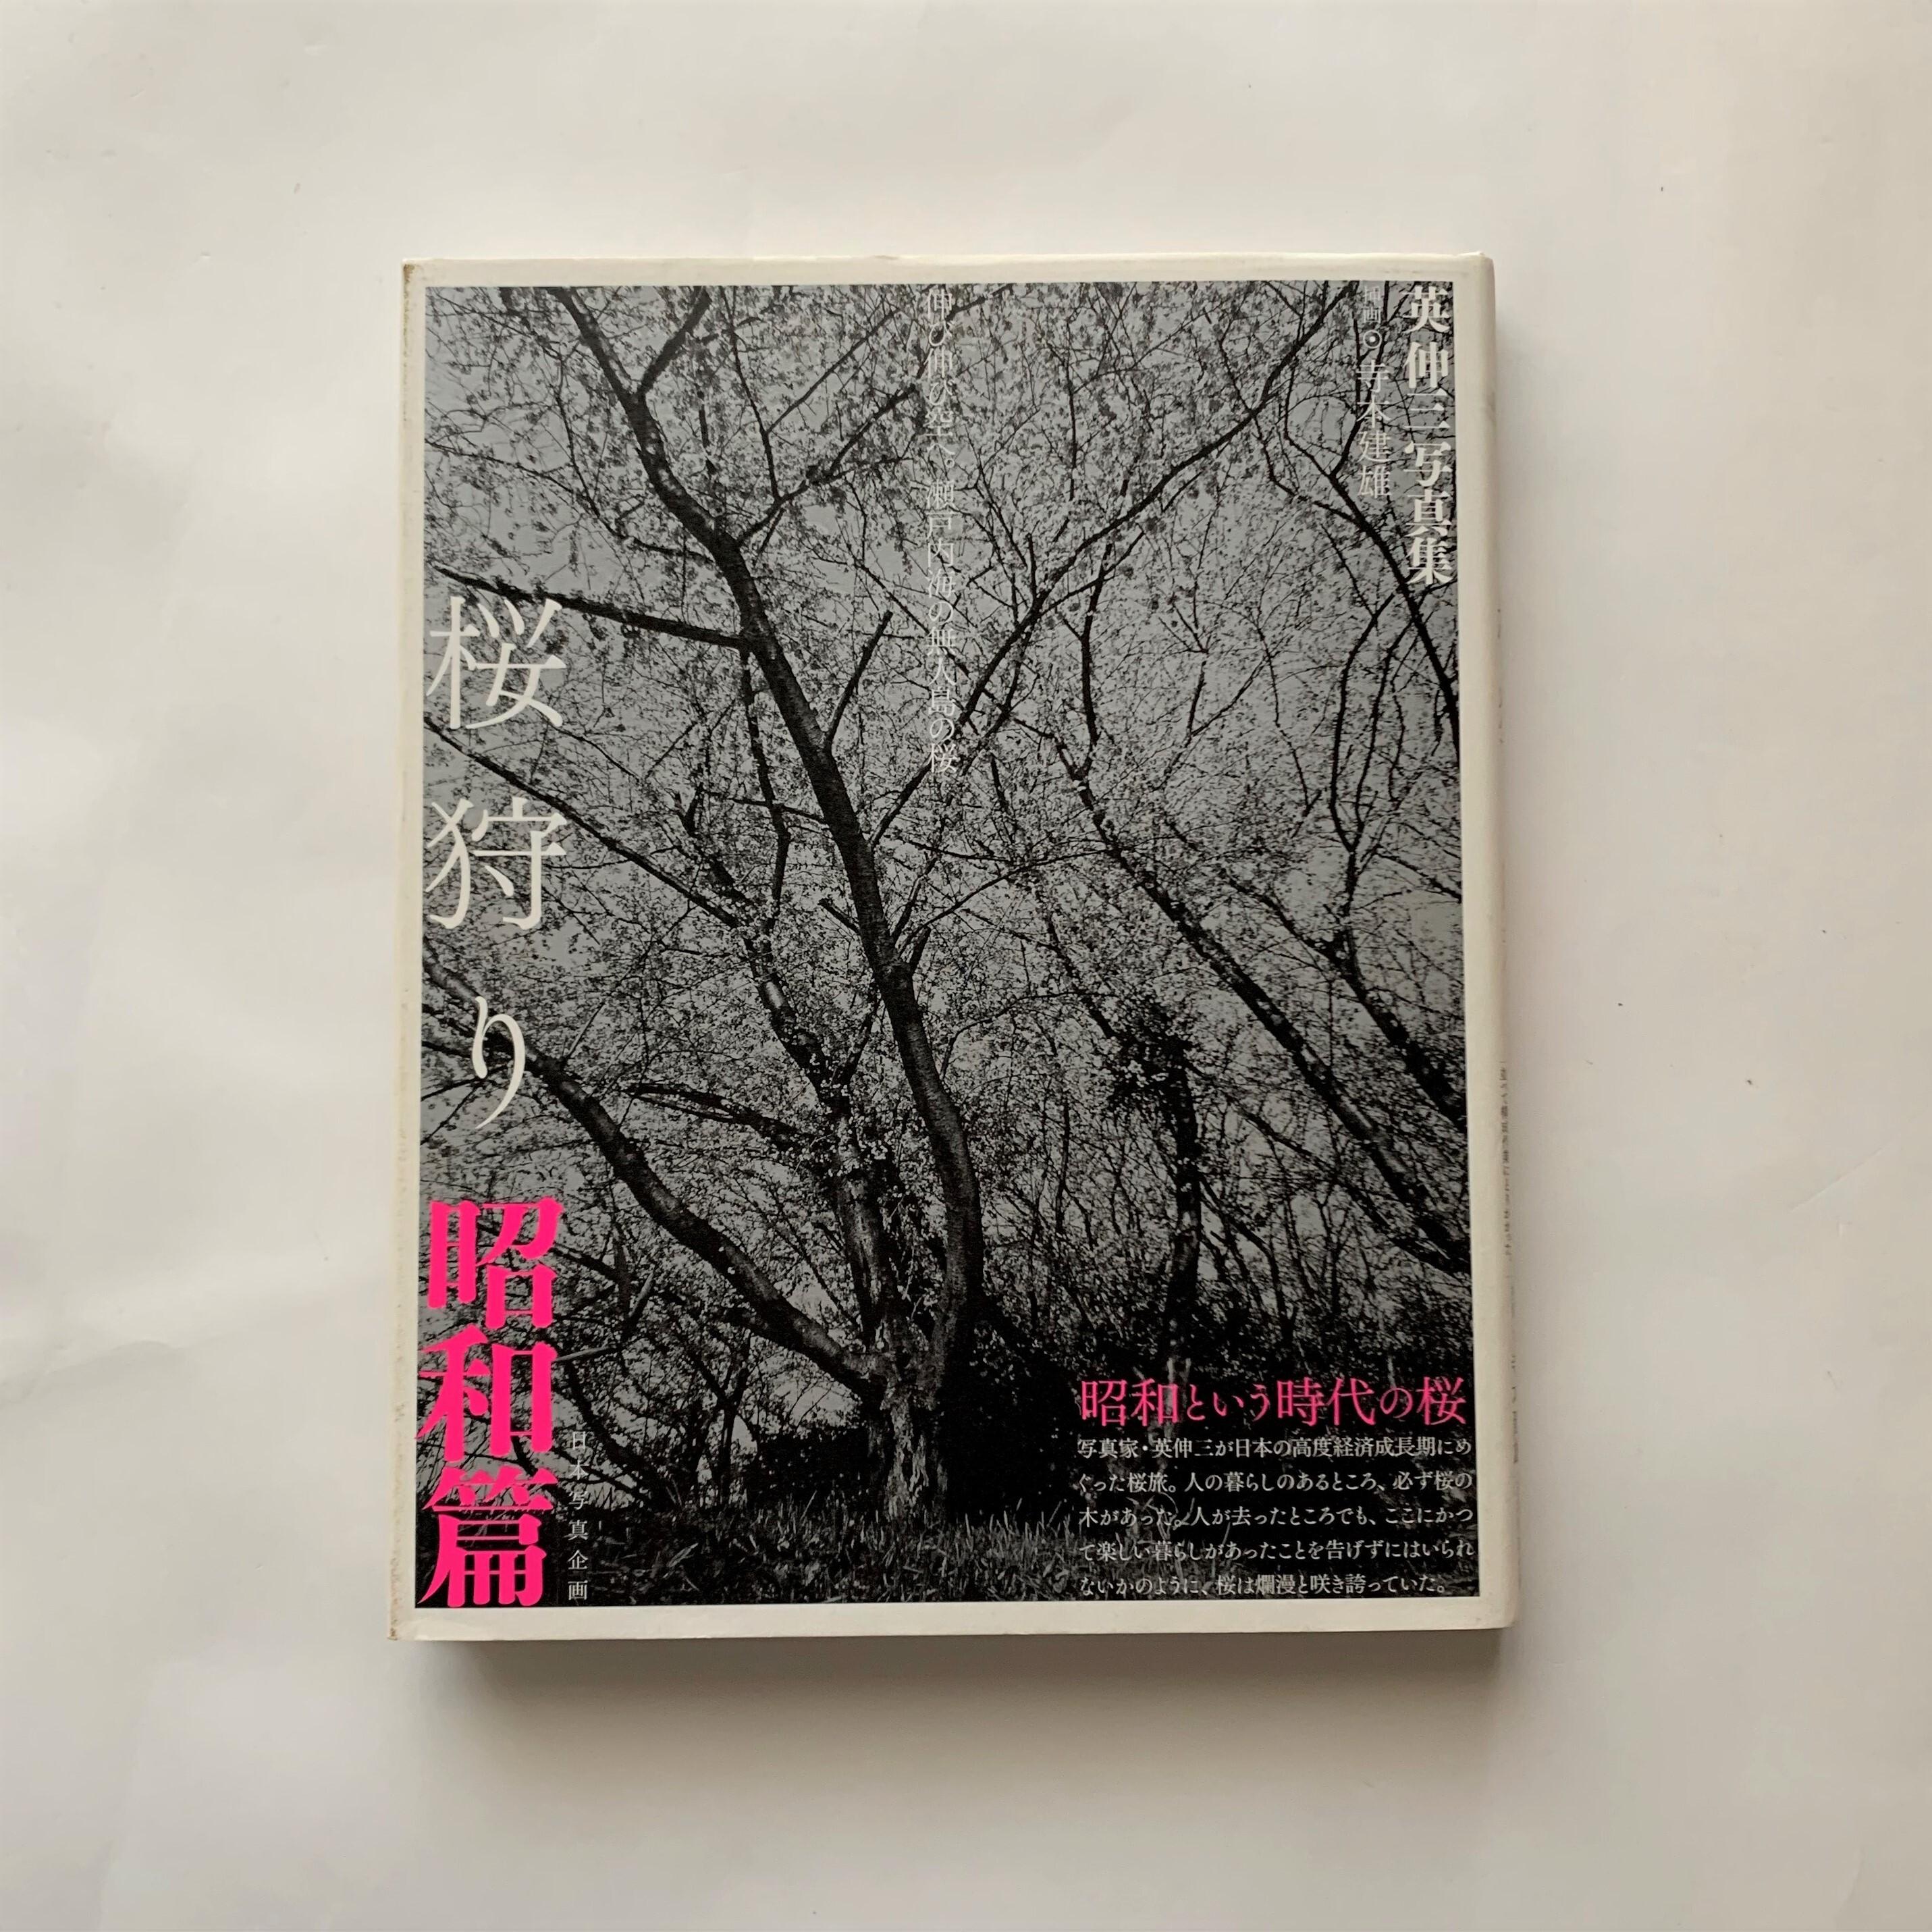 桜狩り 昭和篇  /  英伸三写真集  /  英 伸三   /  寺本 建雄